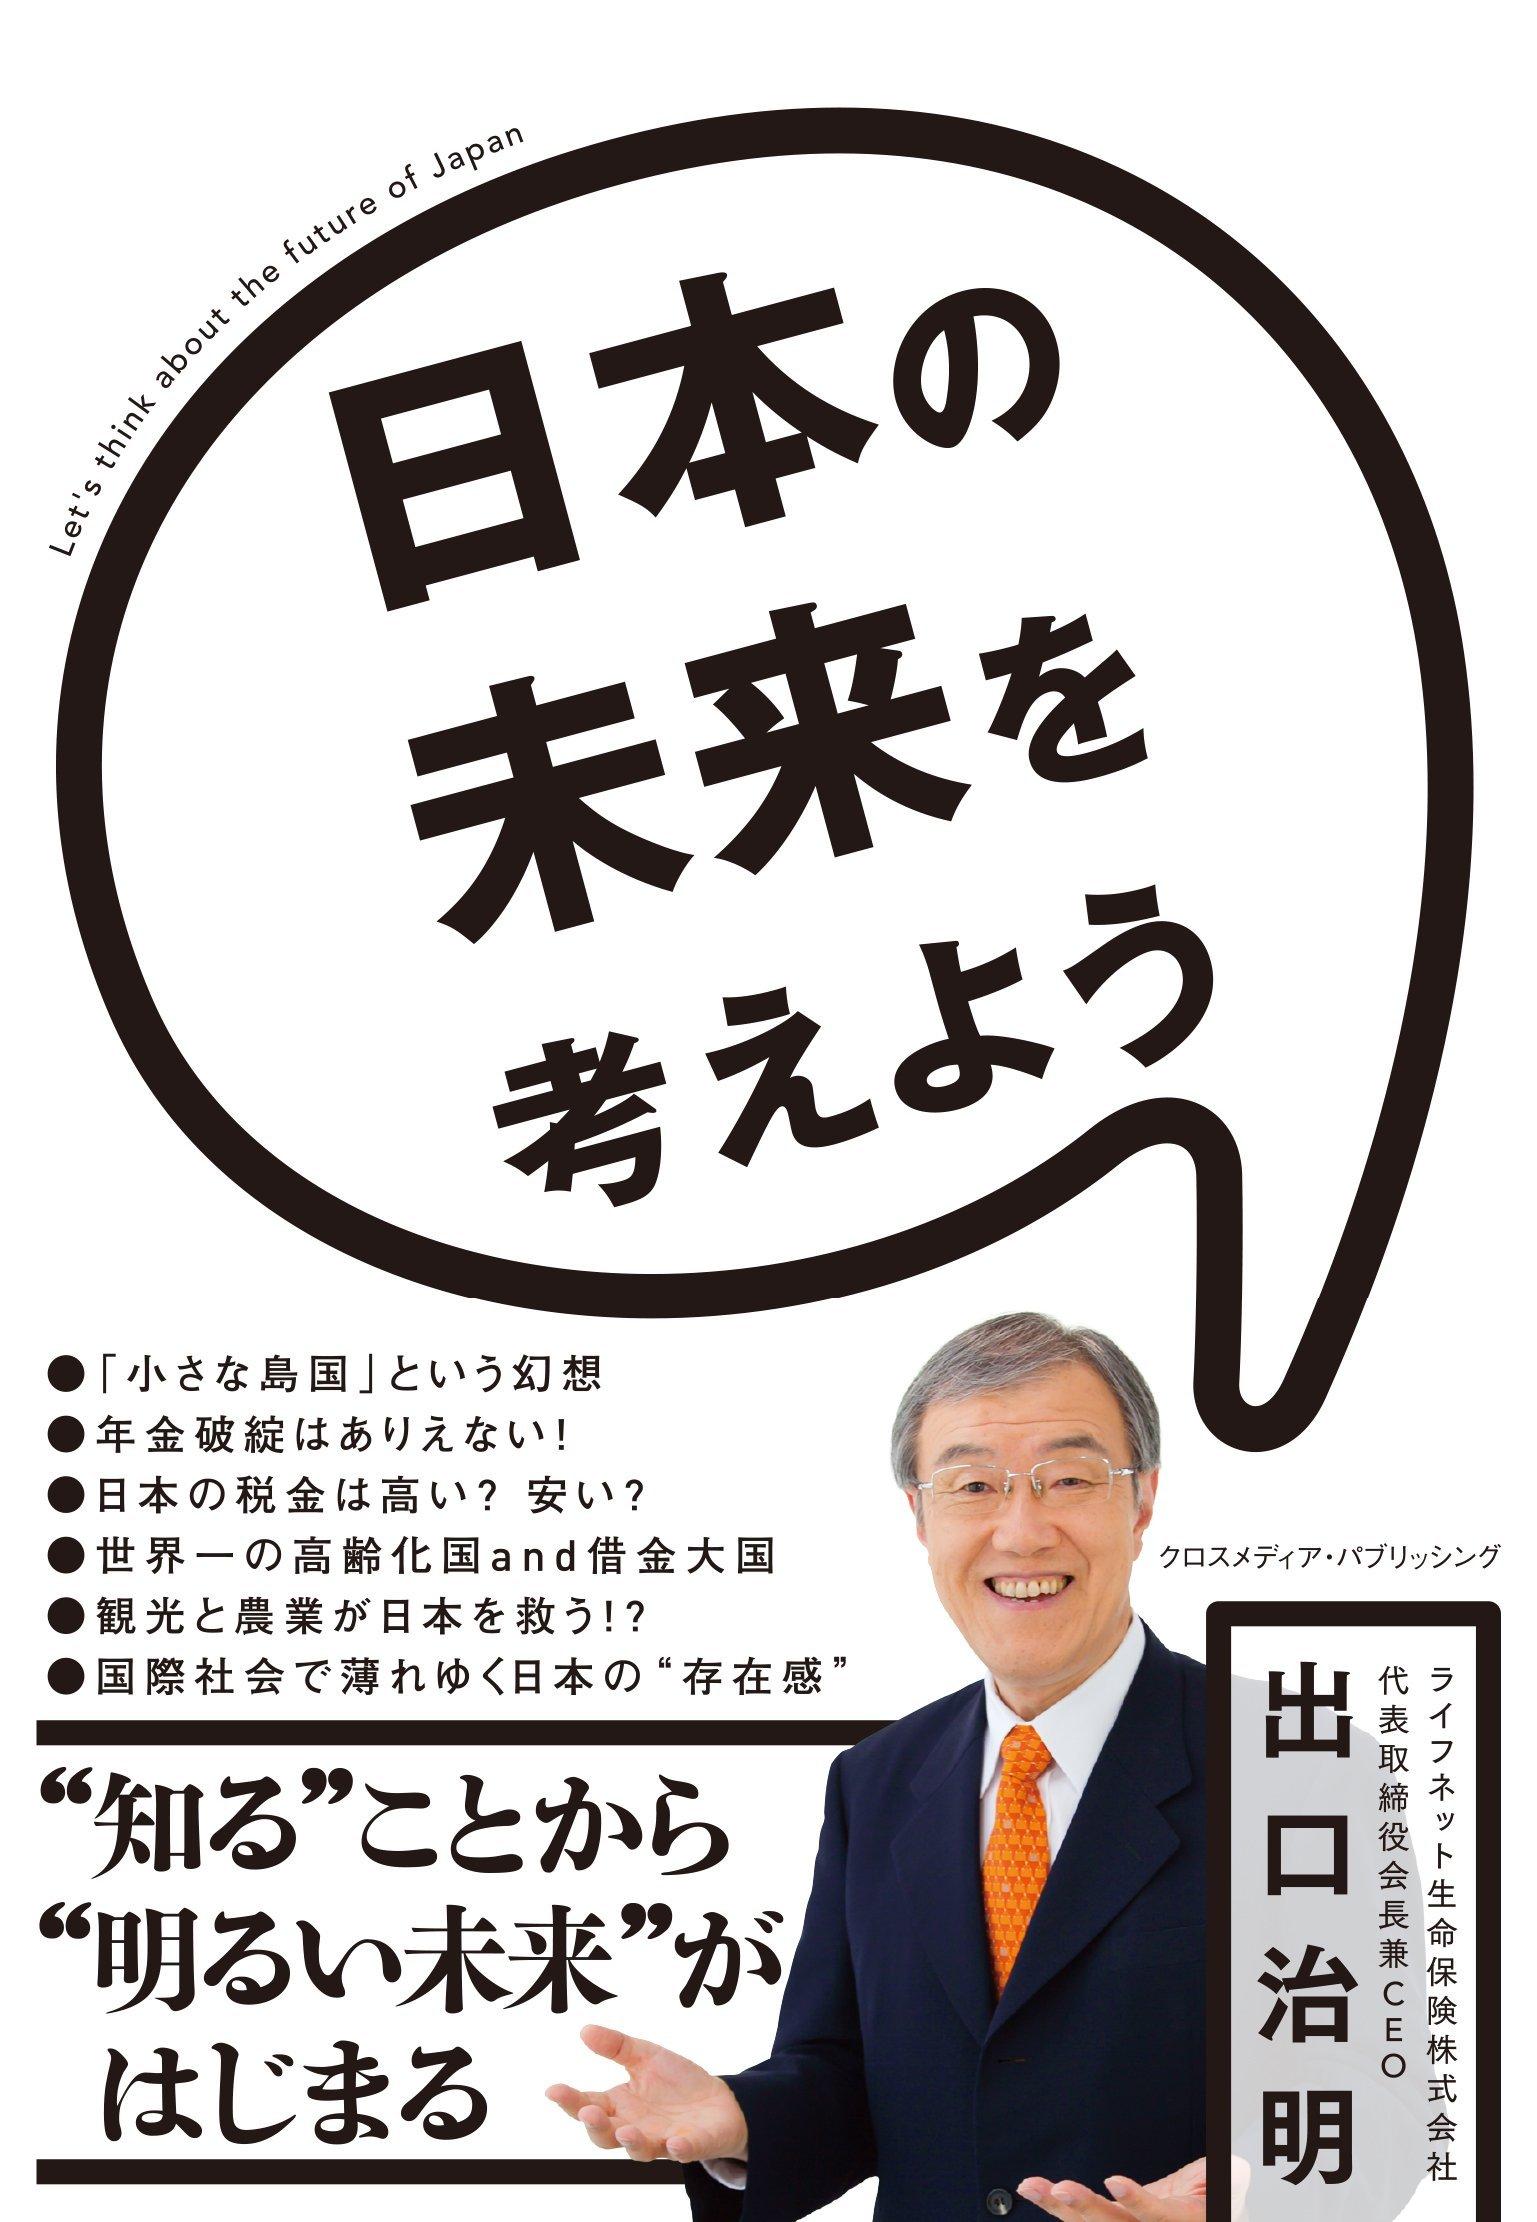 『日本の未来を考えよう』表紙